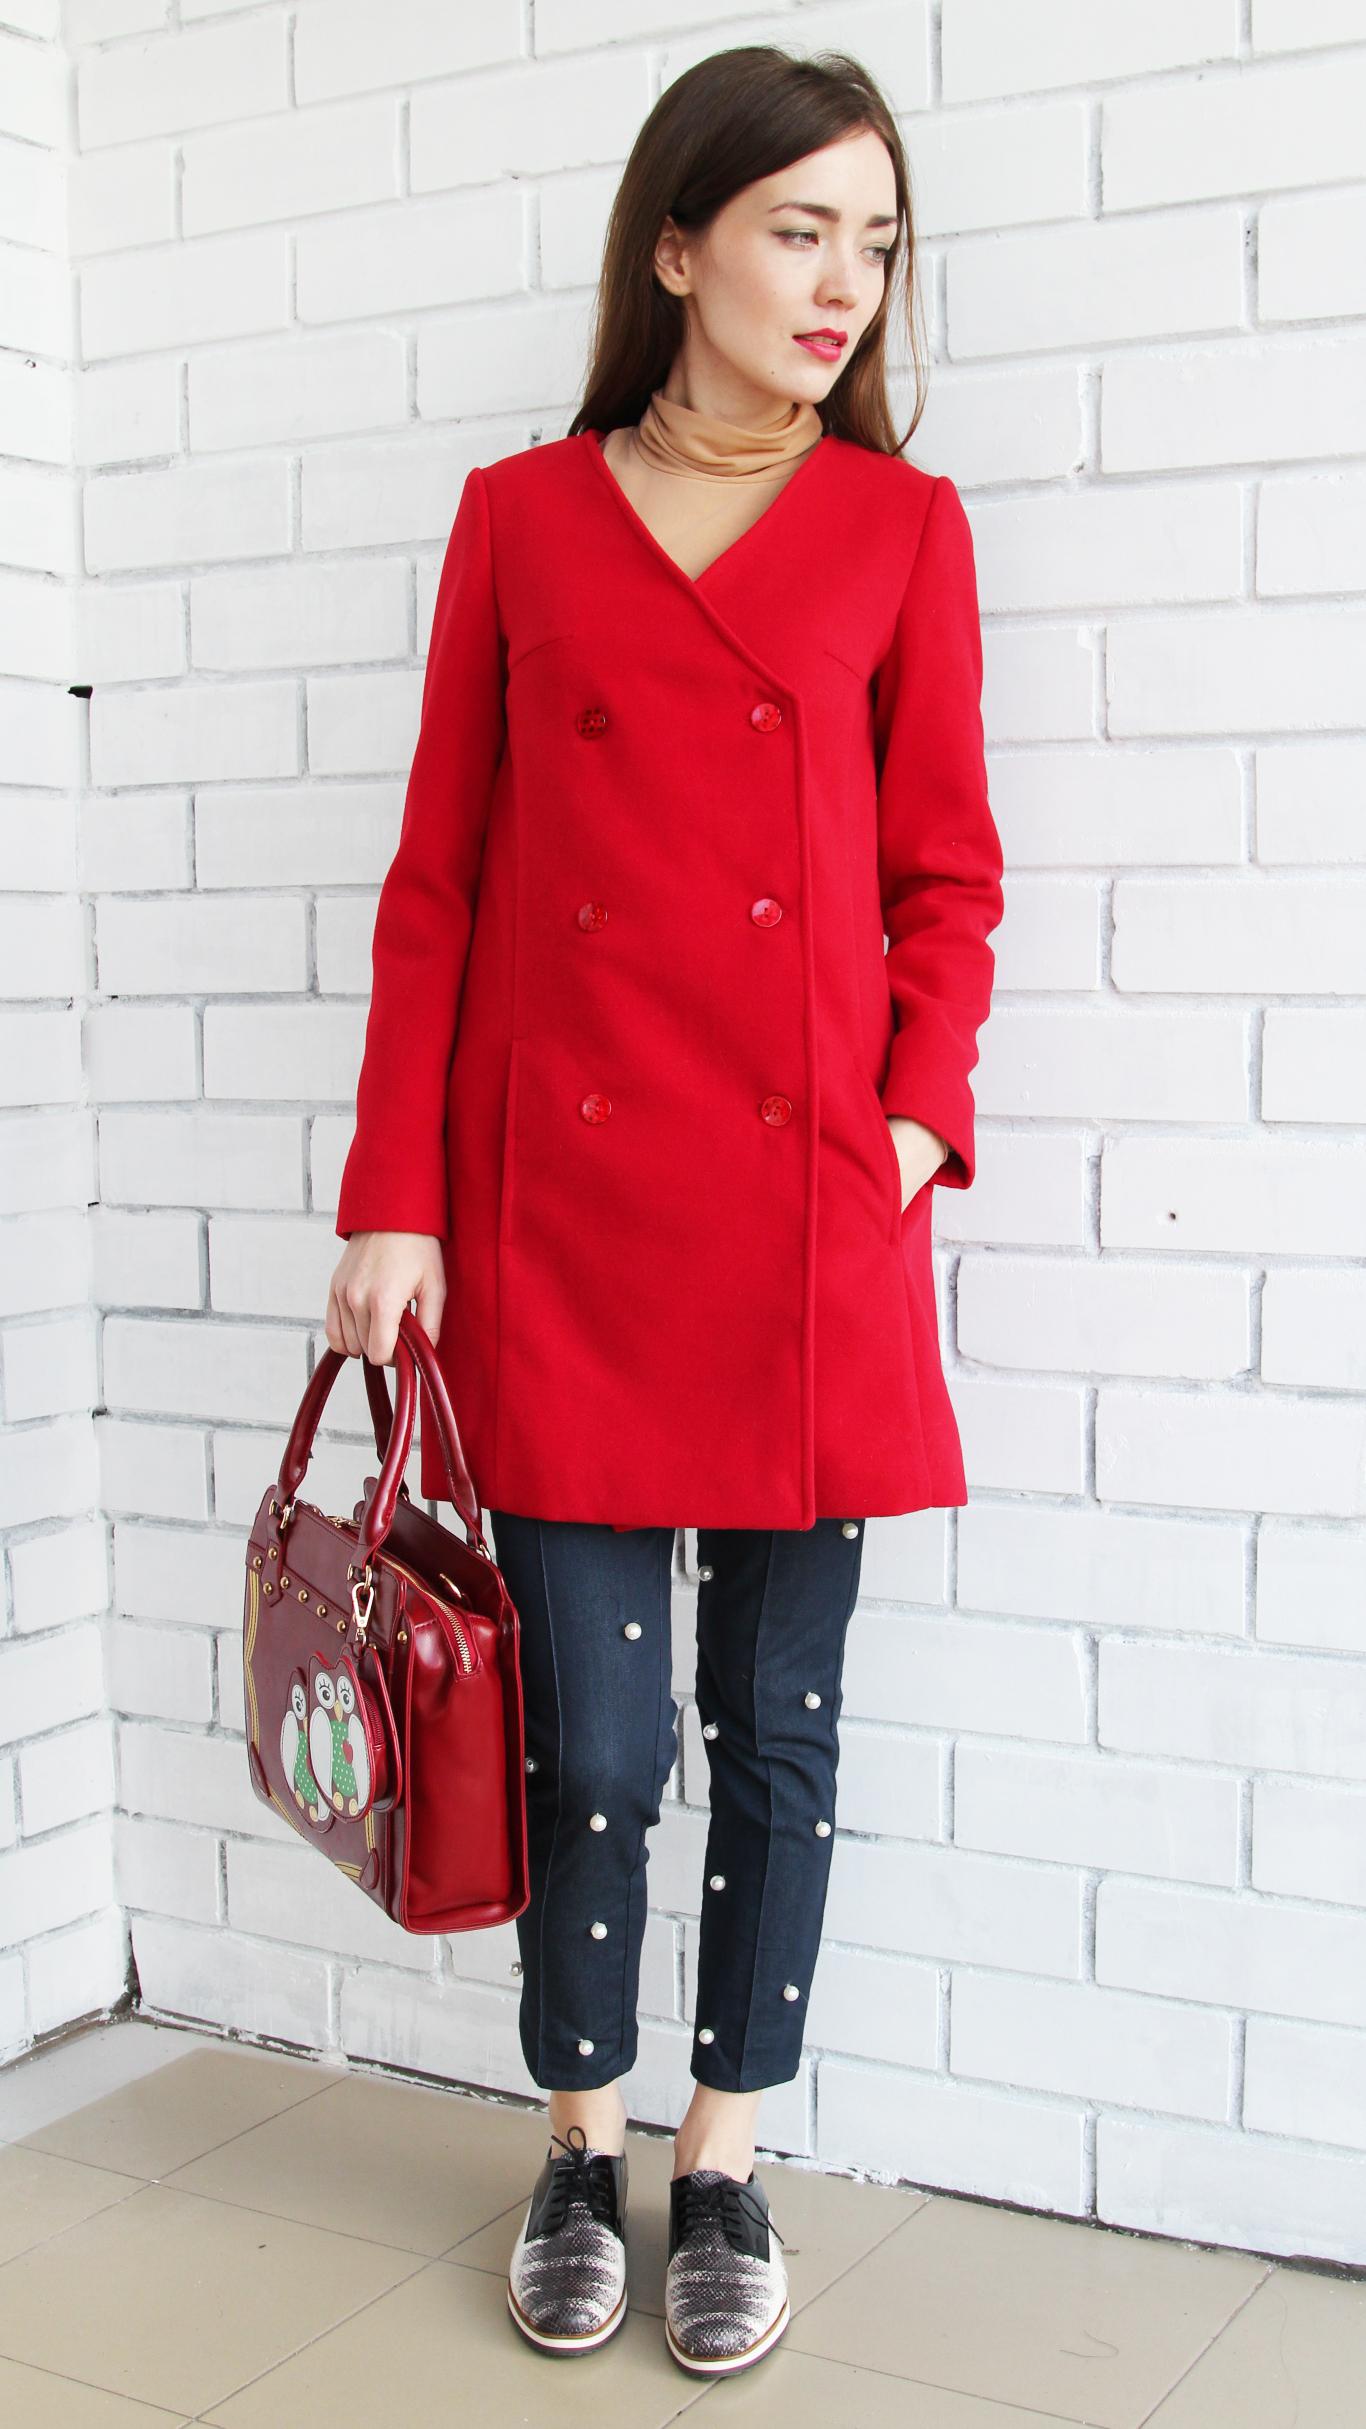 Сбор заказов.Дизайнерская одежда NASTYA SERGEEVA( платья, жакеты, брюки, юбки, юлузки, комбинезоны). Цены от 299 рублей